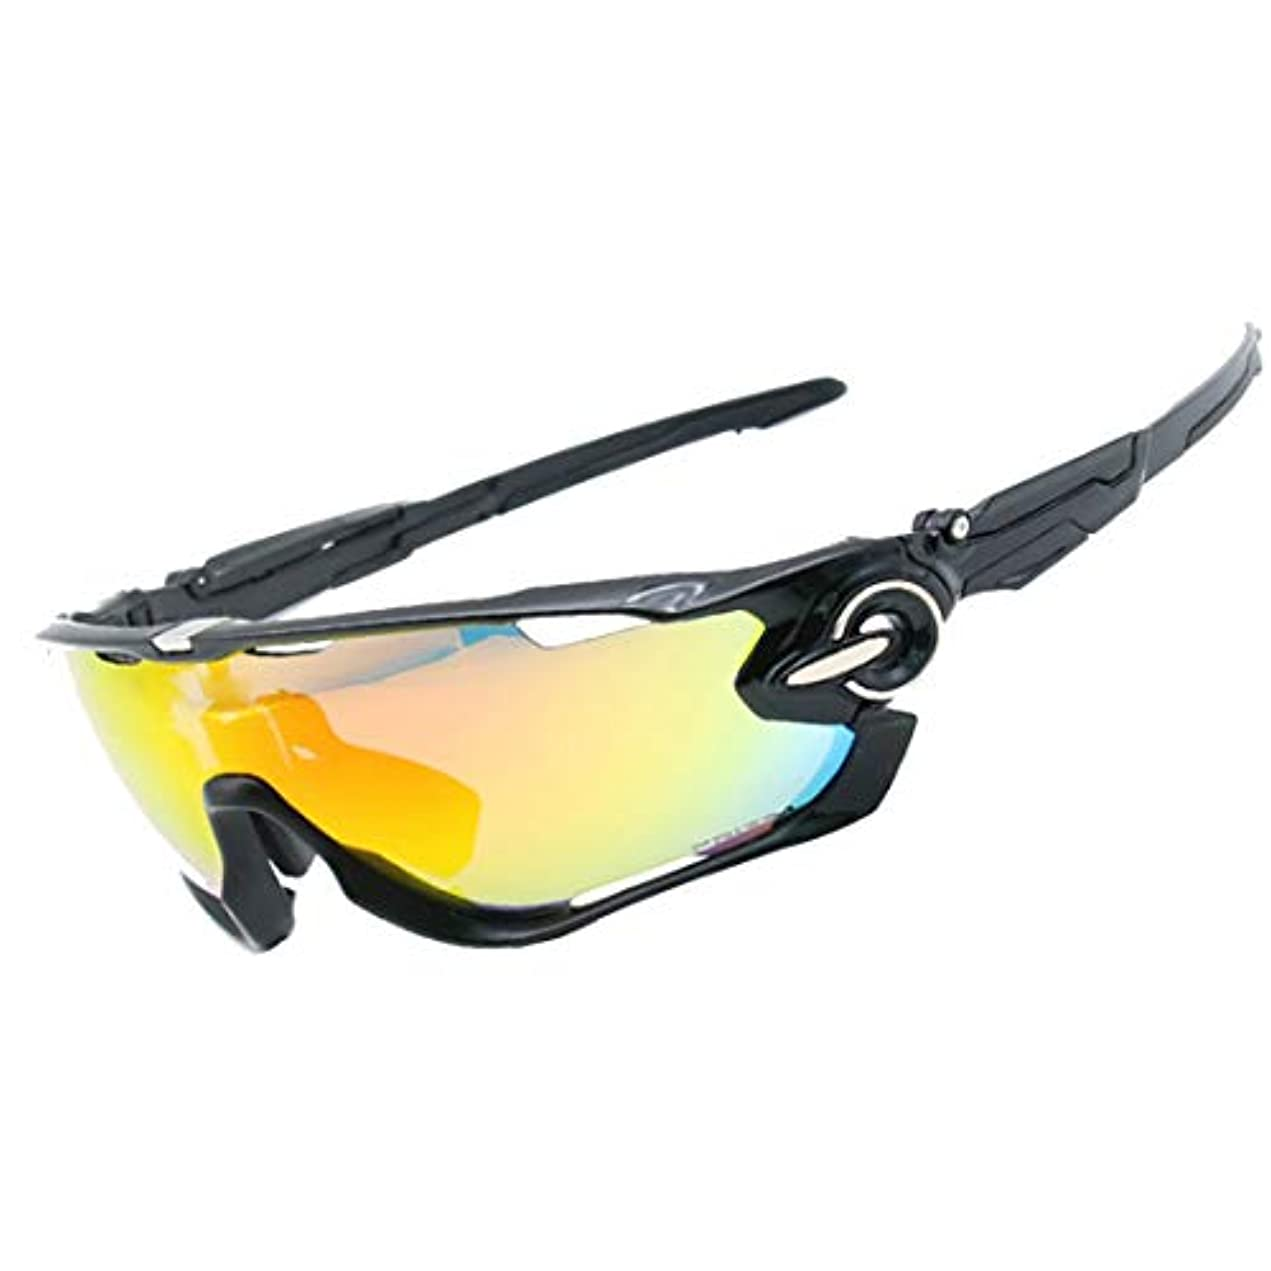 警報アーティファクト論理的Nekovan アウトドアサイクリングの恋人に適した屋外用メガネ。 (色 : A001)